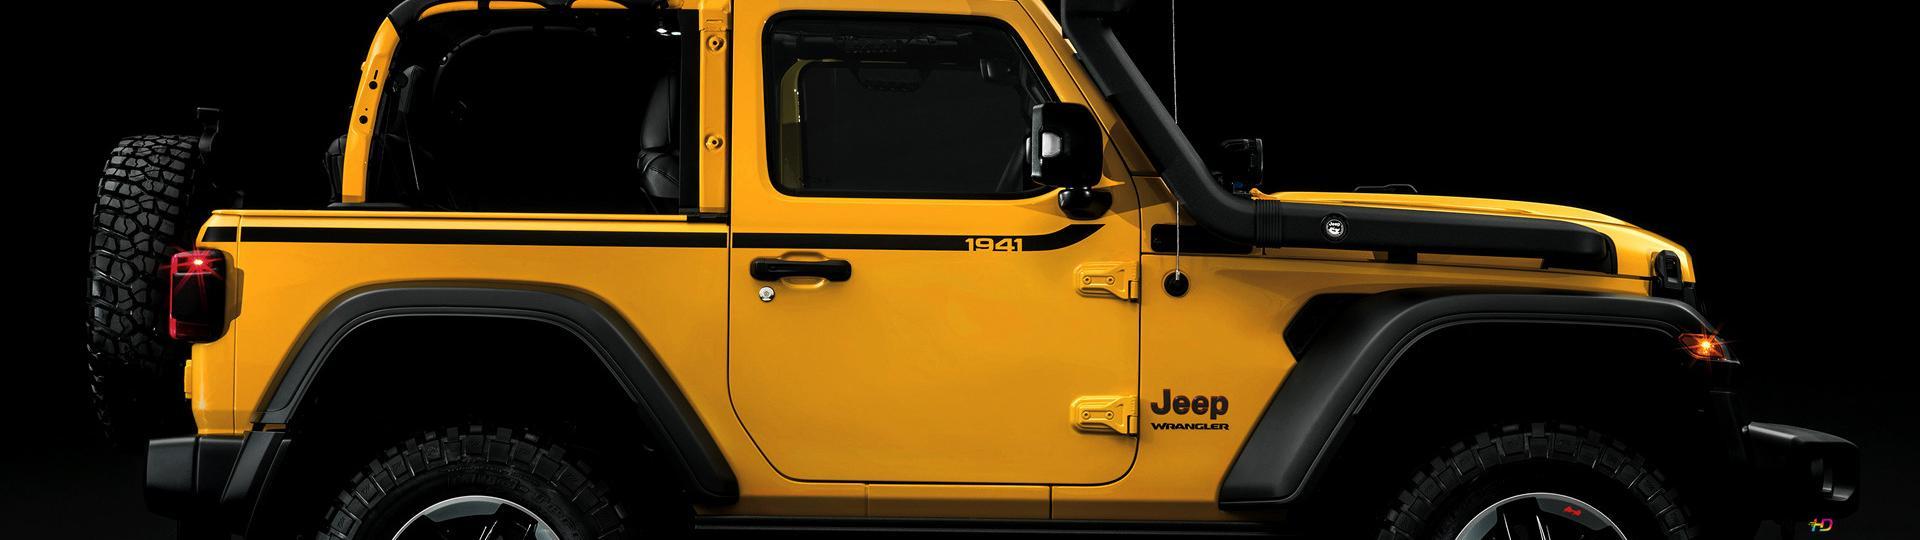 Descargar Fondo De Pantalla 2019 Jeep Wrangler Rubicon 1941 Por Mopar 03 Hd